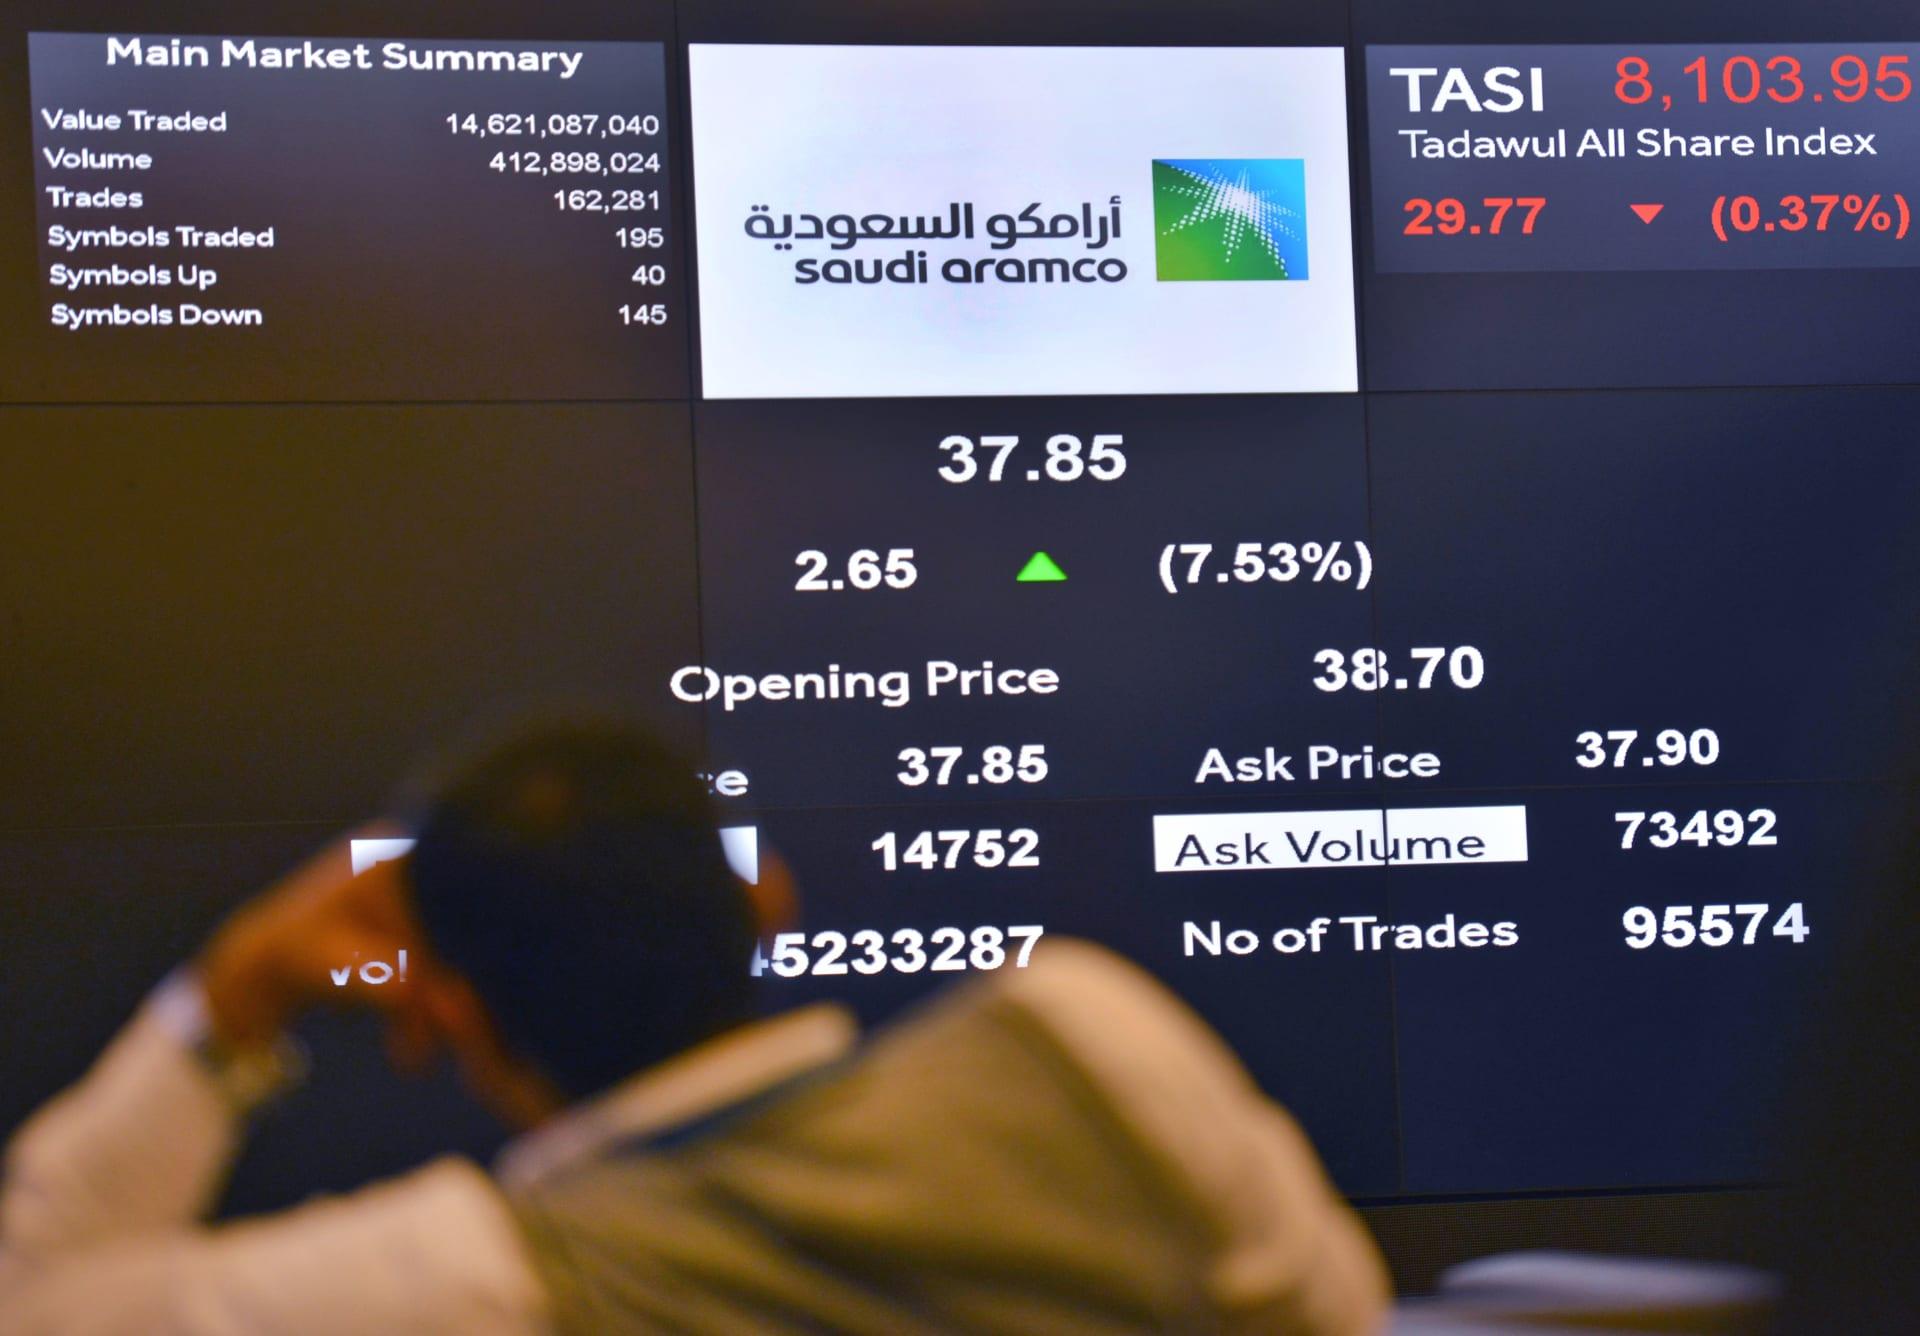 هذا موعد توزيع أرامكو السعودية للأسهم المجانية على المستثمرين